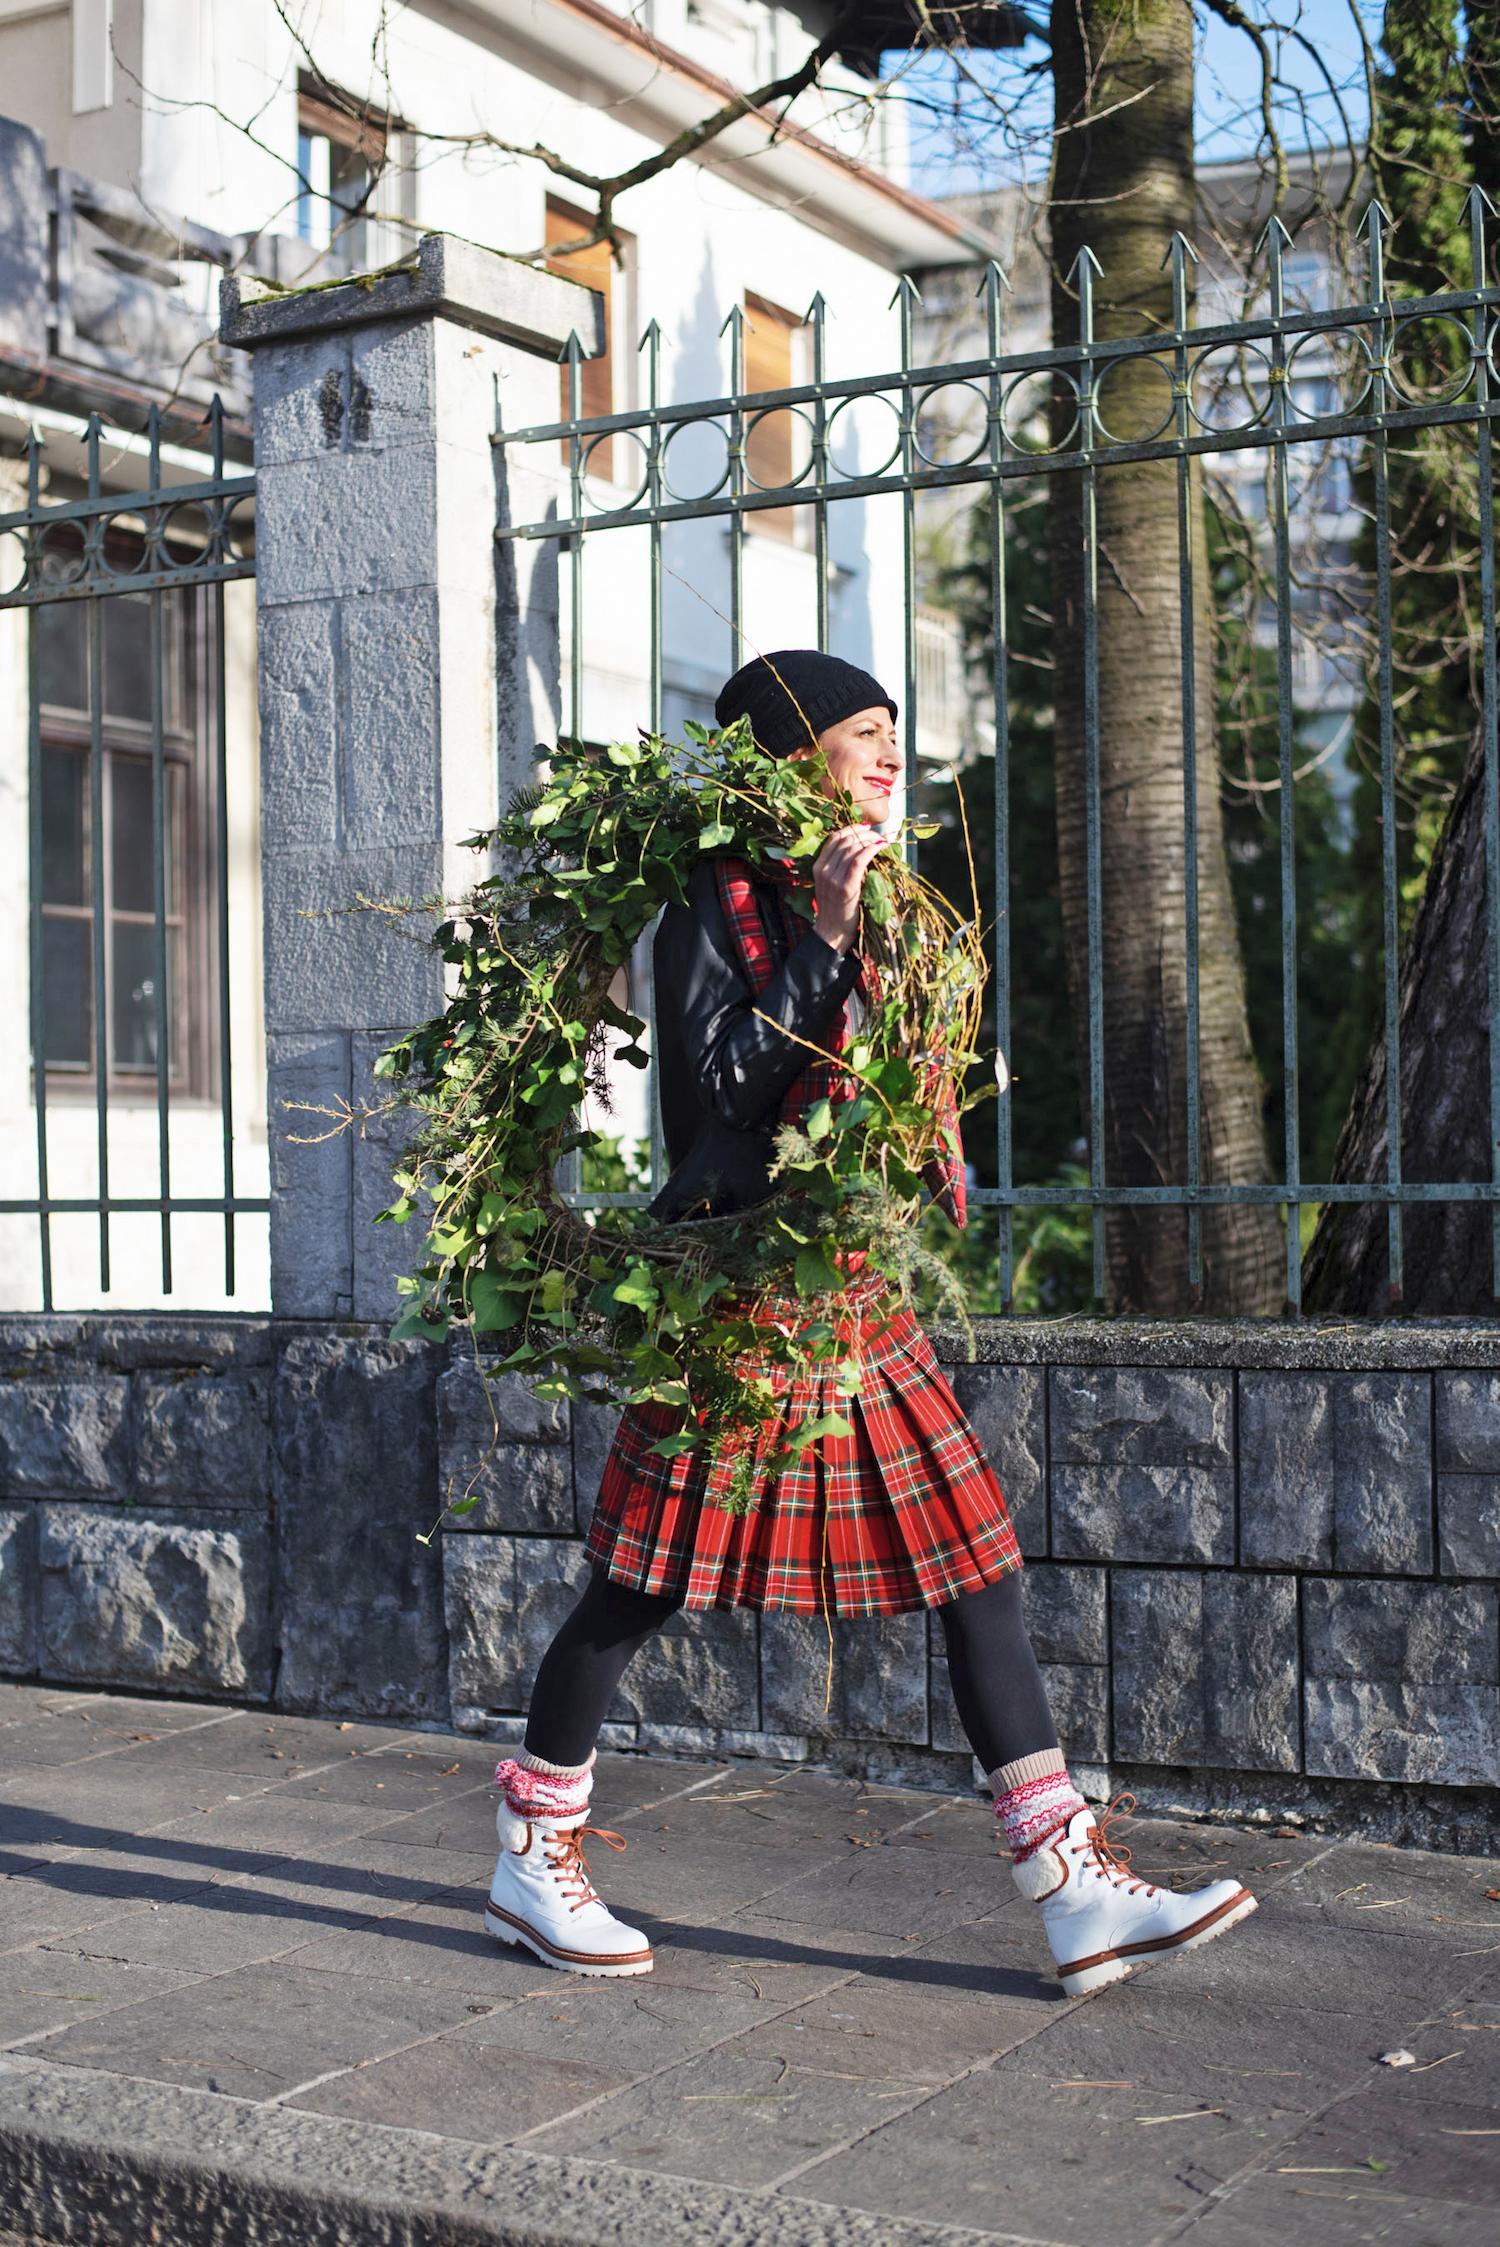 trajnostna slovenska moda karo gardenia beautyfull blog trajnostna slovenska moda gardenia beautyfull blog nika veger adventni vencek